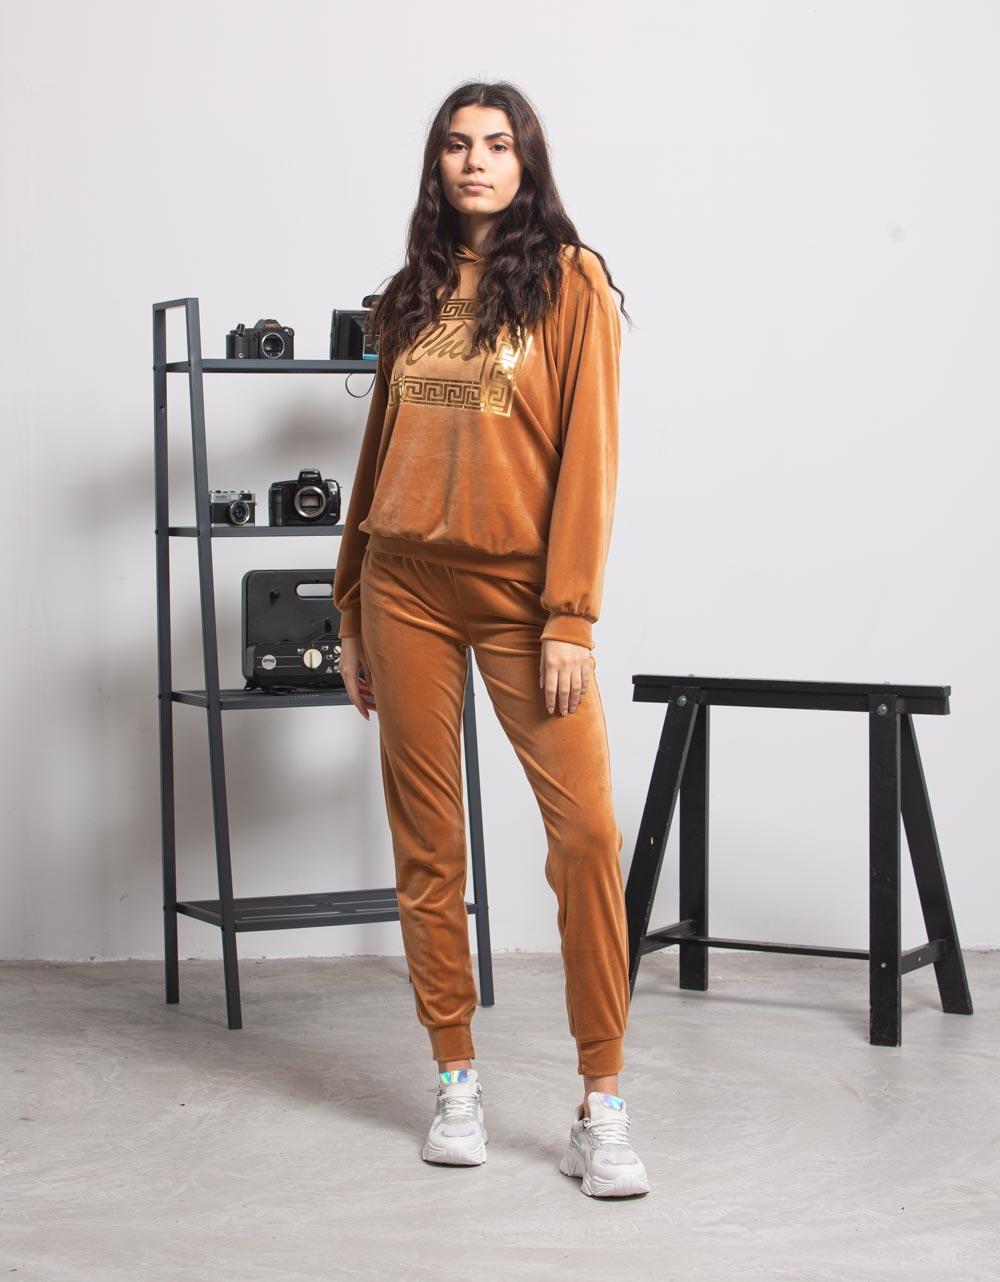 Εικόνα από  Γυναικεία σετ ρούχων παντελόνι & μπλουζάκι με τύπωμα Ταμπά